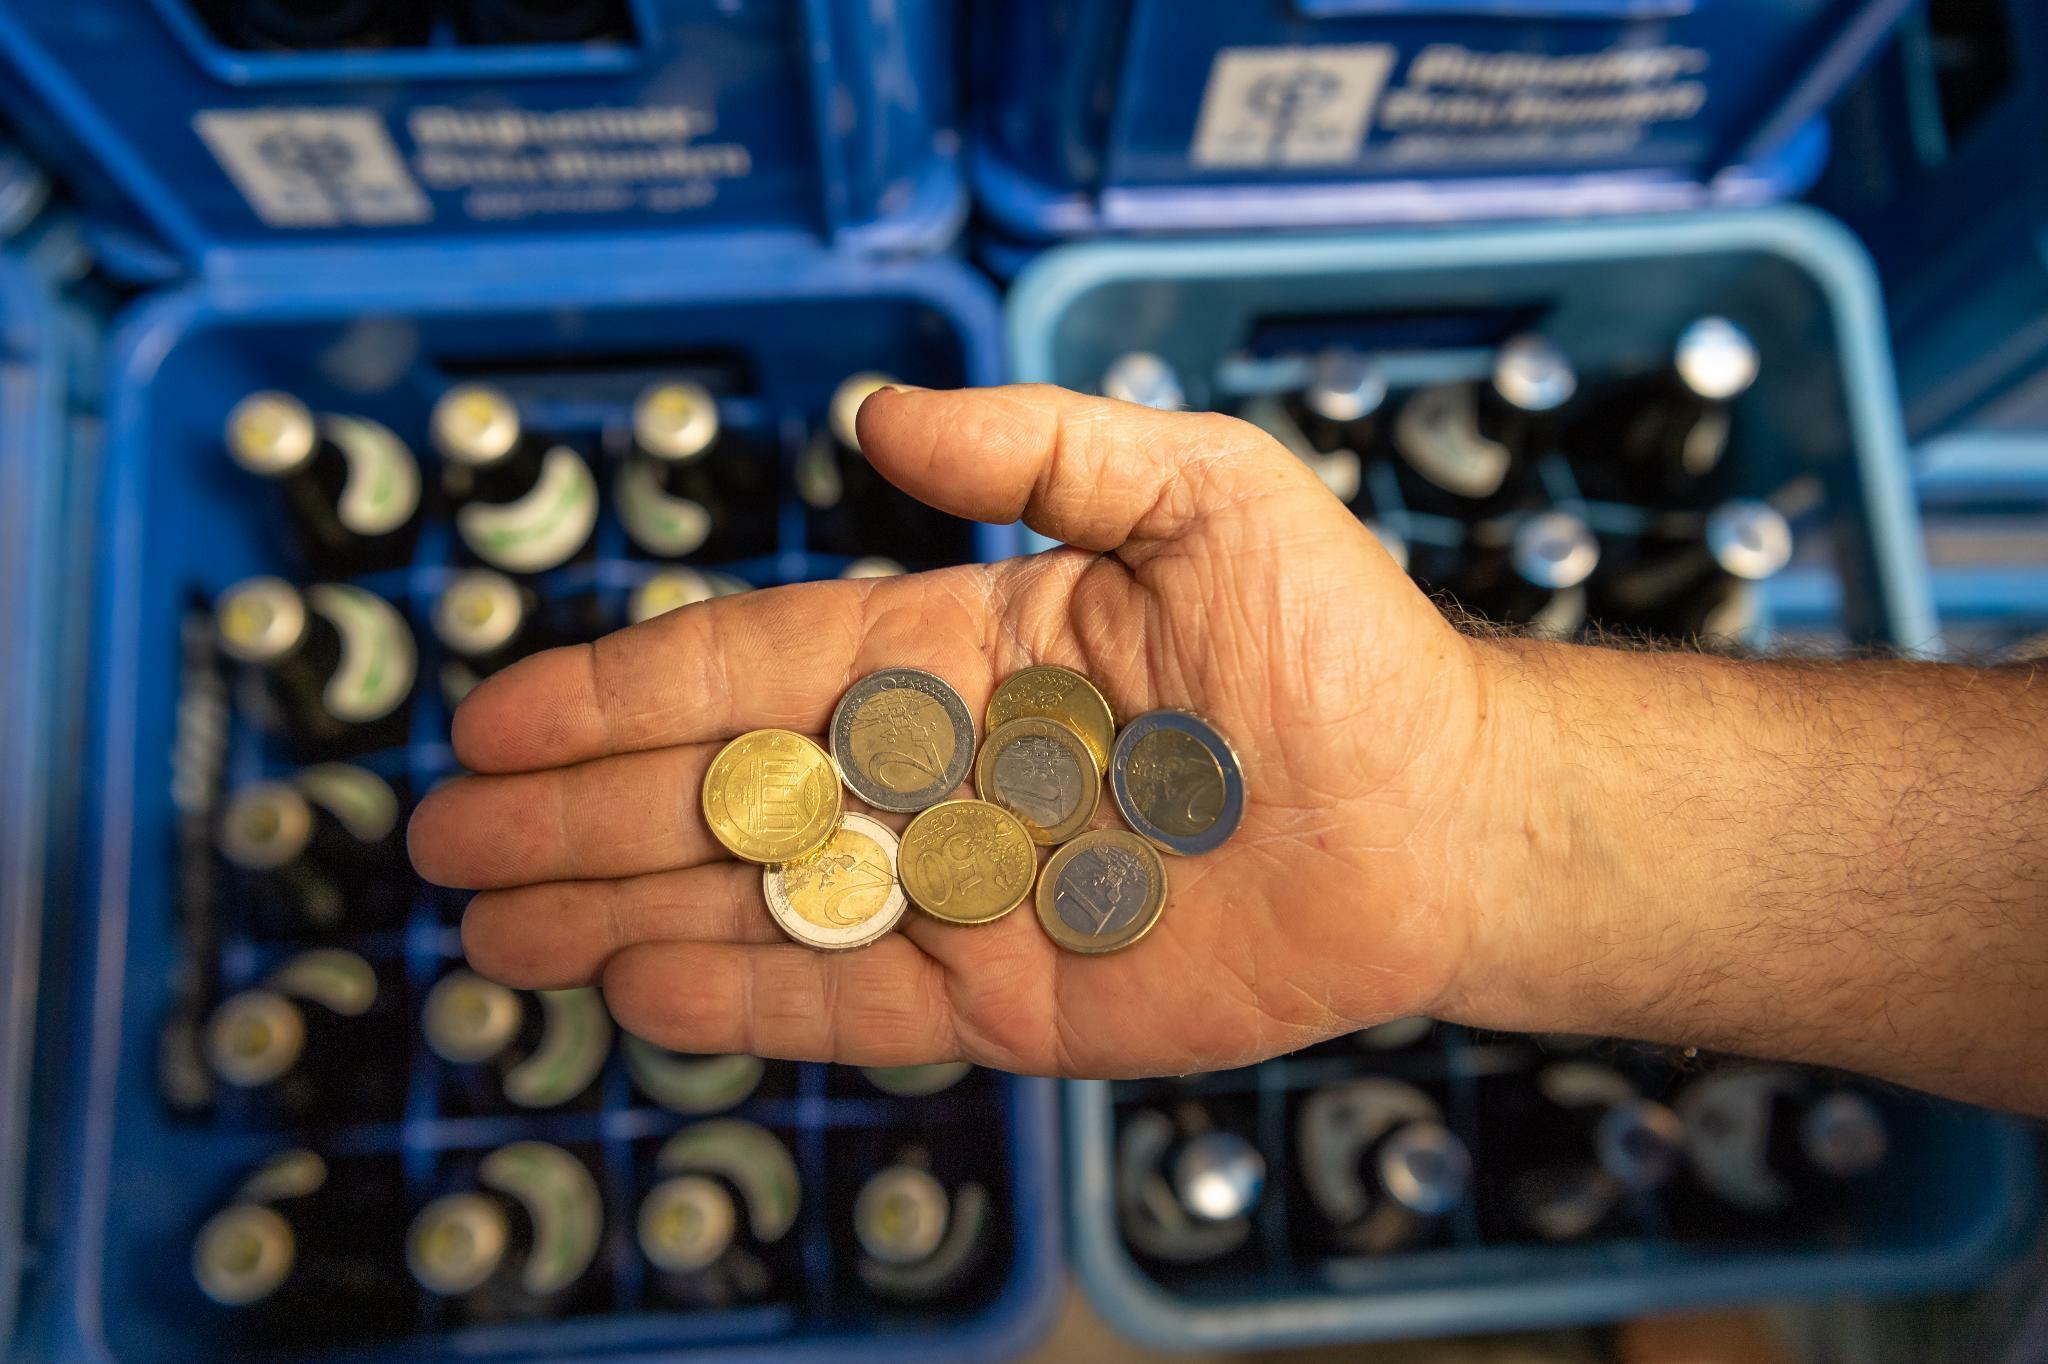 Deutschland: Brauereien wollen Pfandverdopplung für Bierflaschen